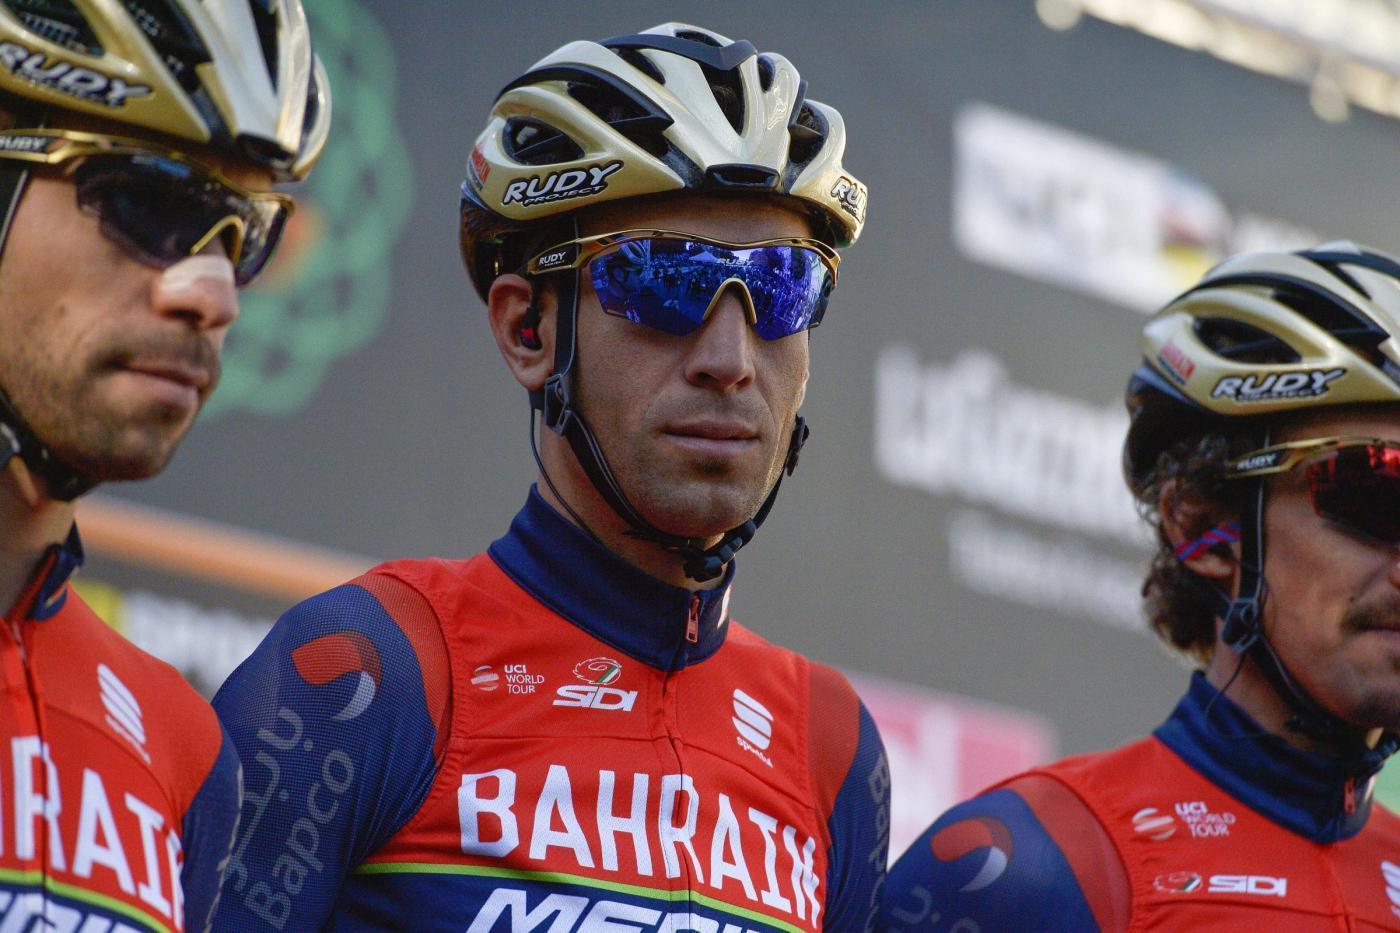 Giro di Lombardia, Nibali show